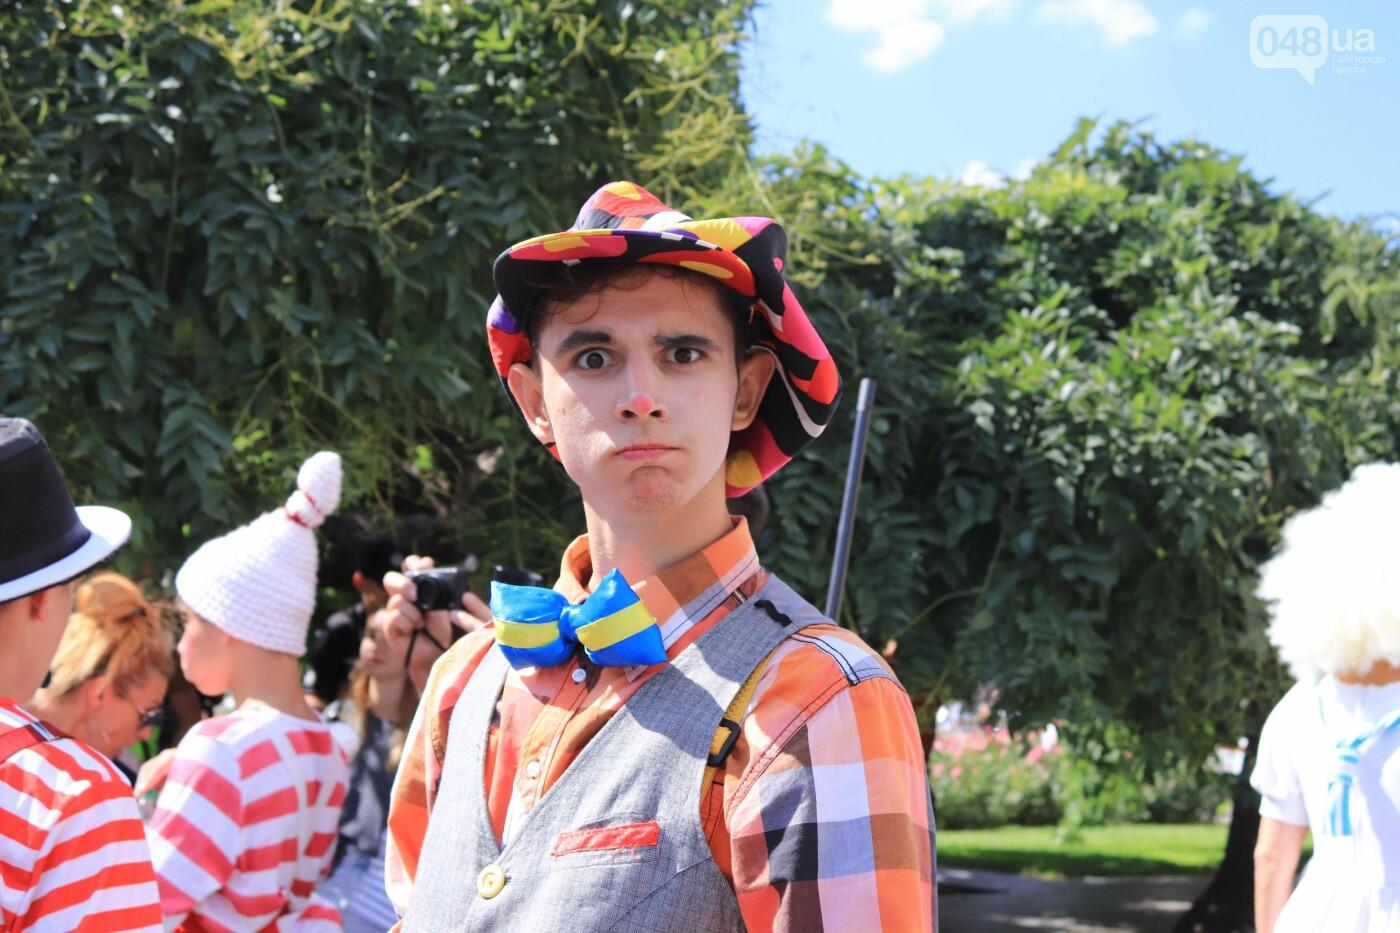 Парад клоунов в Одессе: яркая колонна шла от Дюка в Горсад, - ФОТО, ВИДЕО, СТРИМ, фото-10